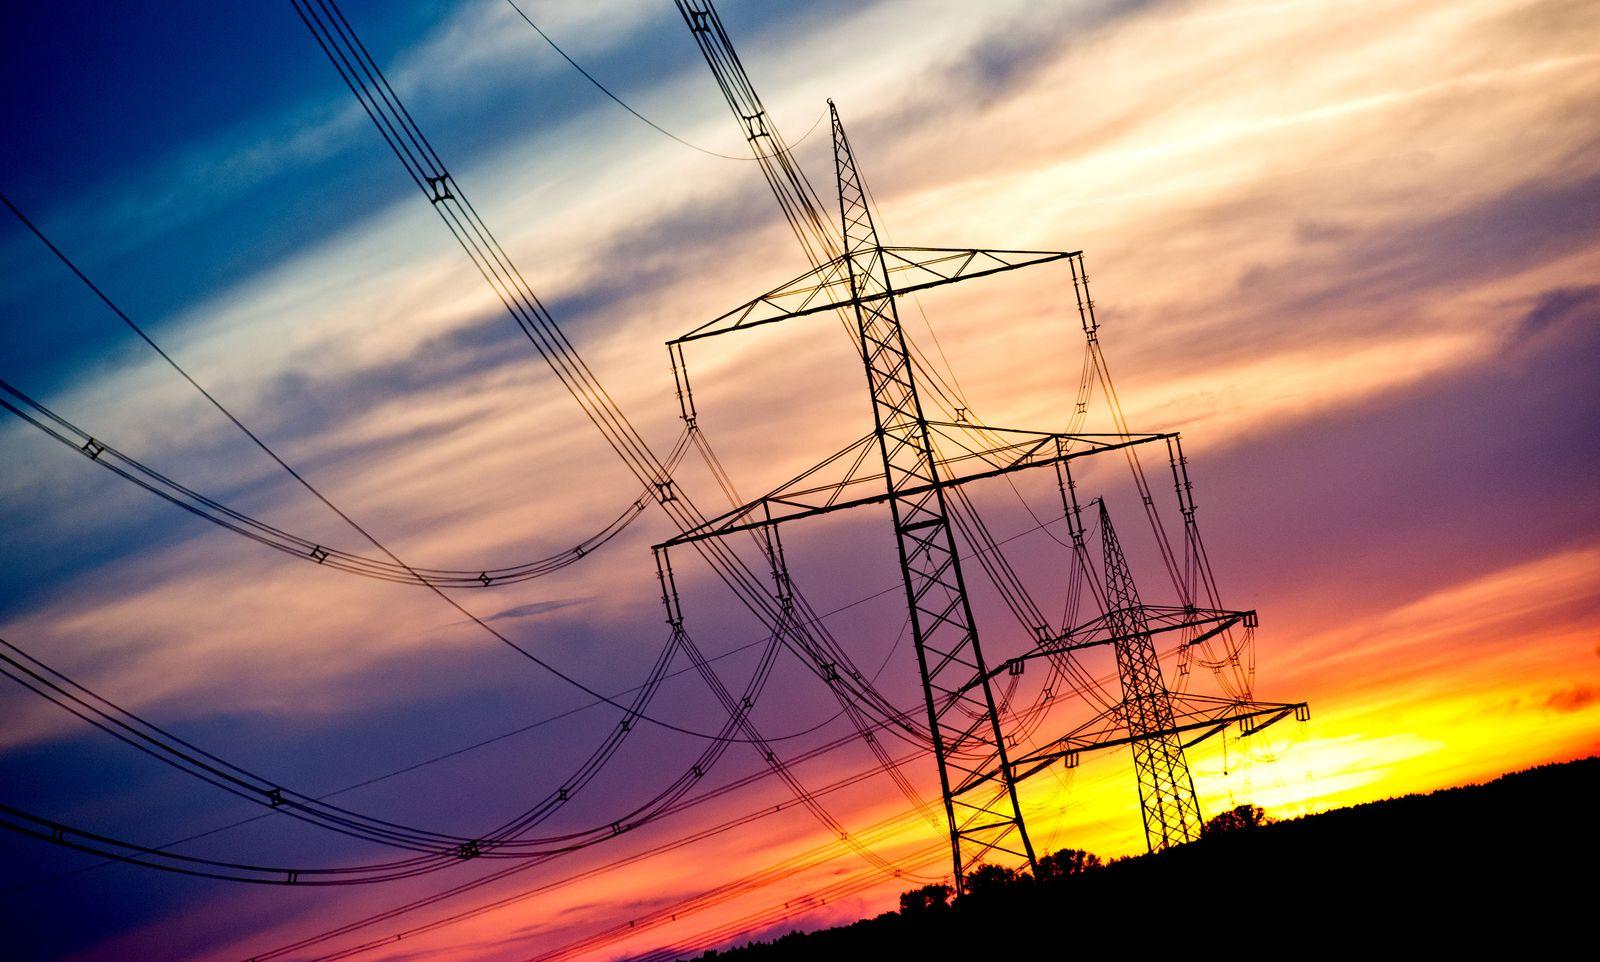 Strom / Strommasten / Stromsparen / Energie / Stromnetz